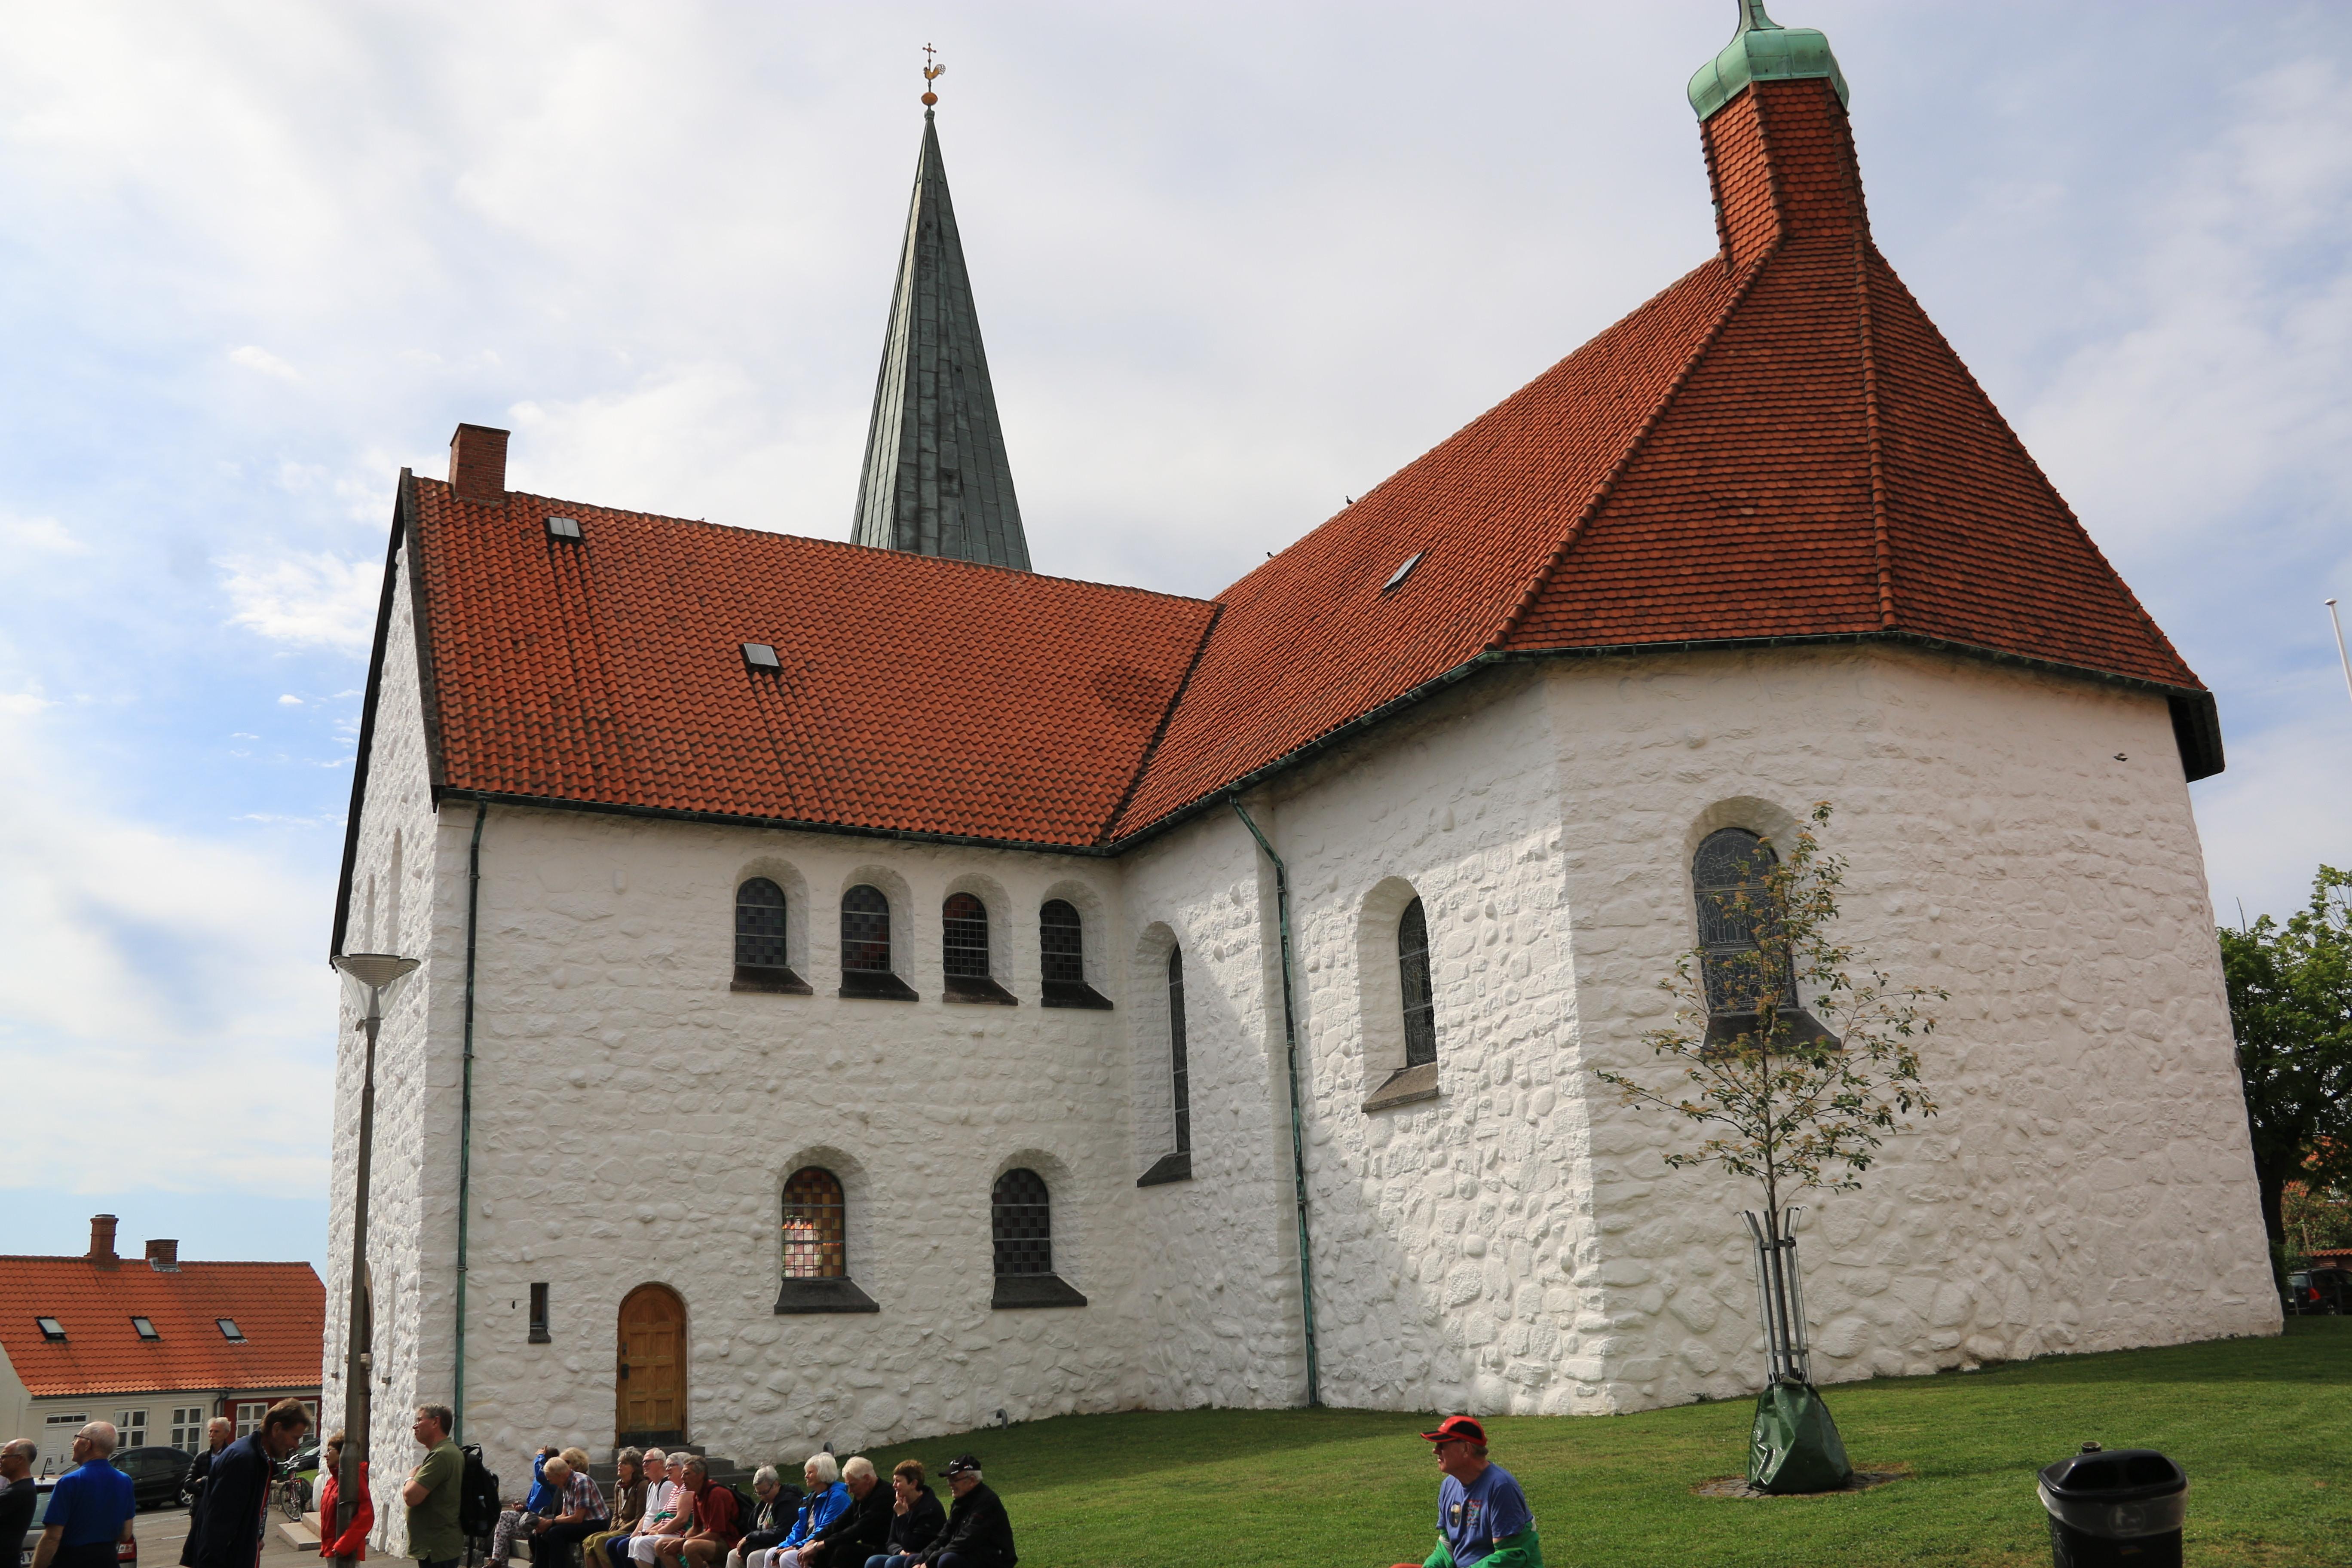 IMG_9342_Leikarringen_Noreg_Bornholm_2019_Rønne_Byvandring_Guiding_Skt_Nicolai_kirke.JPG